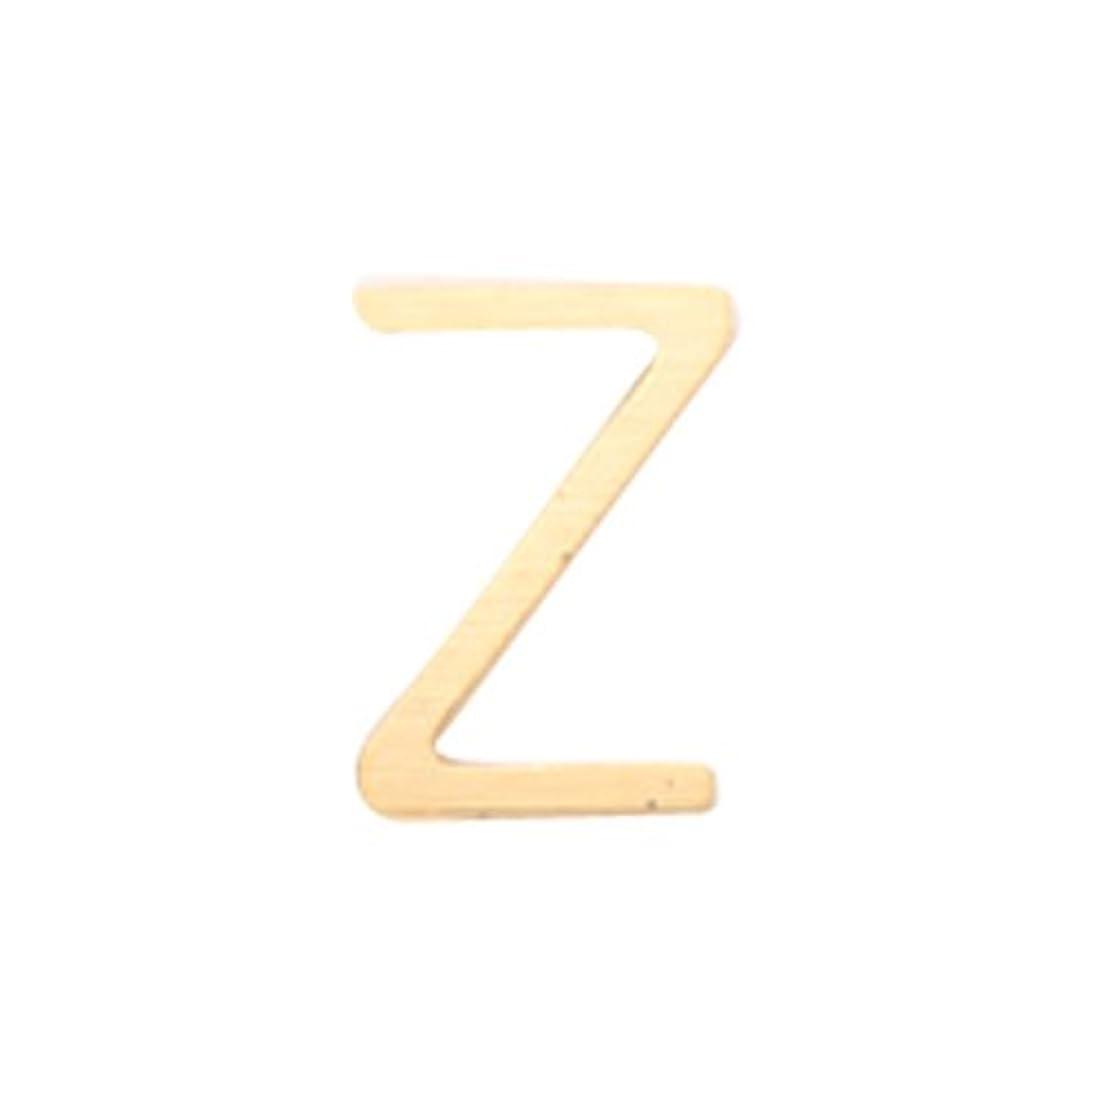 開発する爬虫類団結するリトルプリティー ネイルアートパーツ アルファベット Z ゴールド 10個